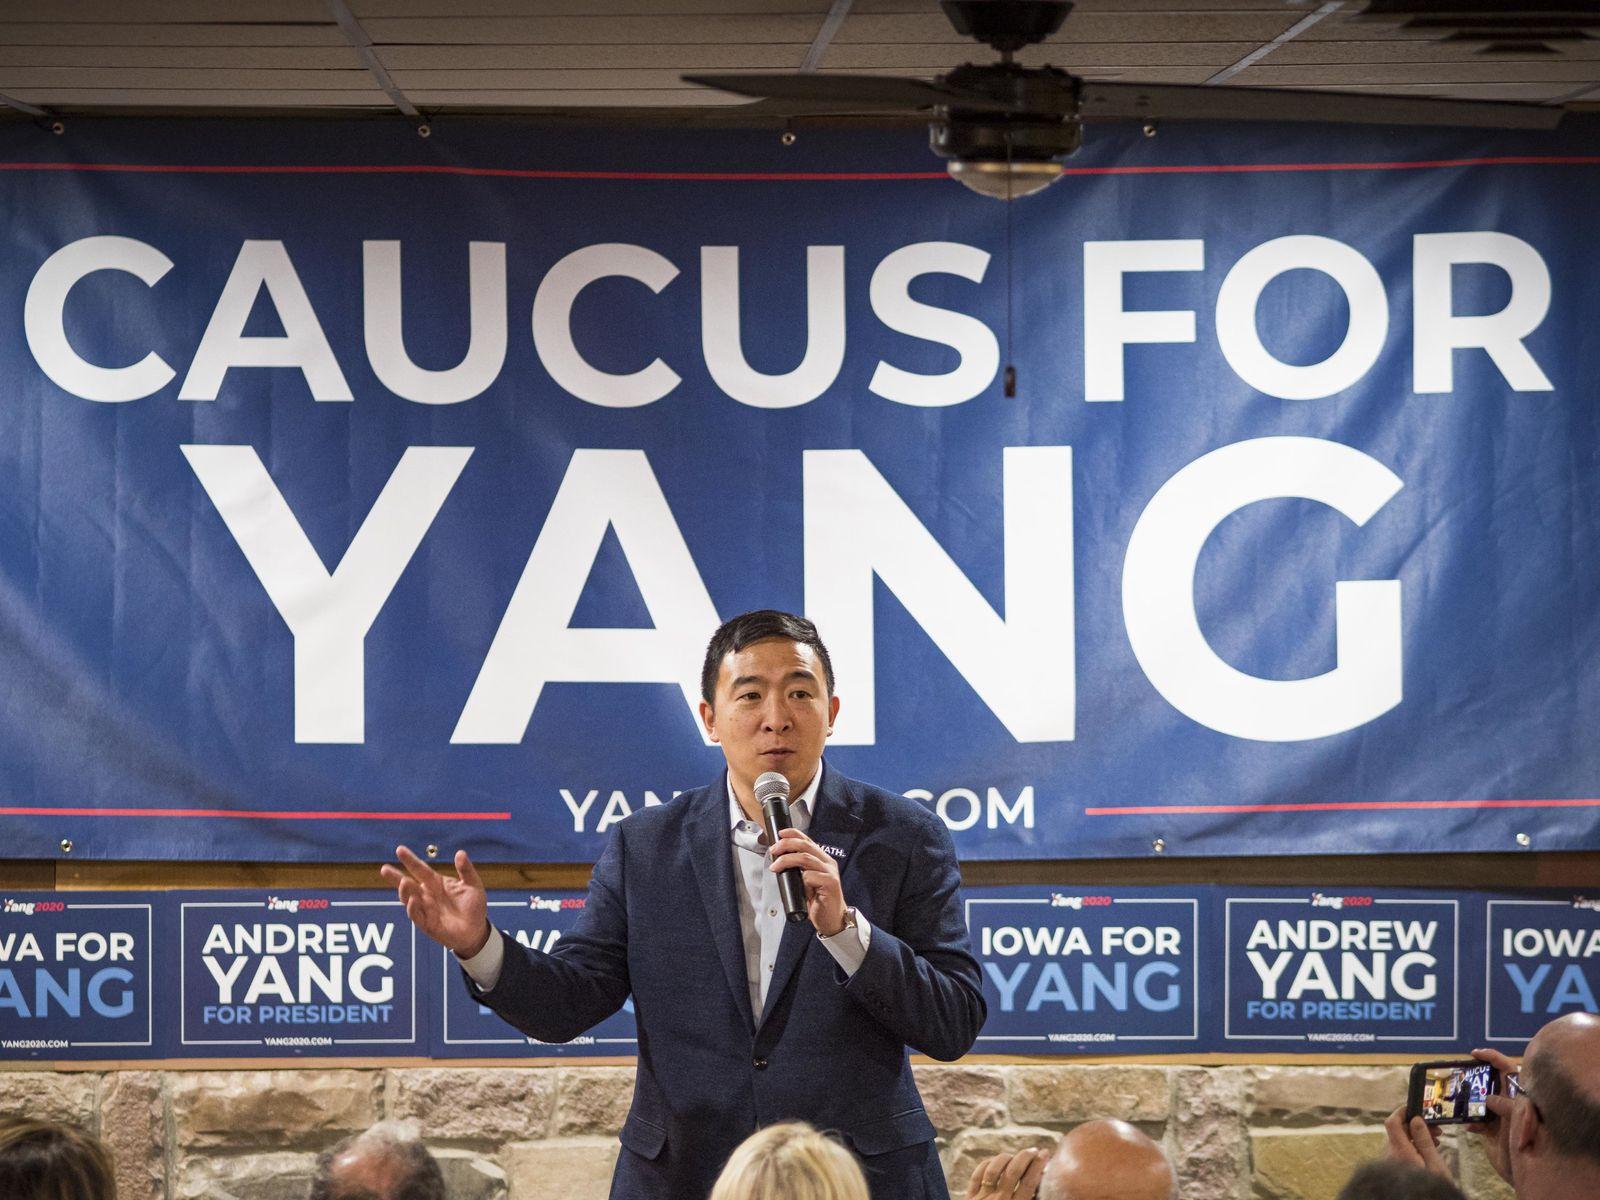 Wahlkampf in den USA - Andrew Yang